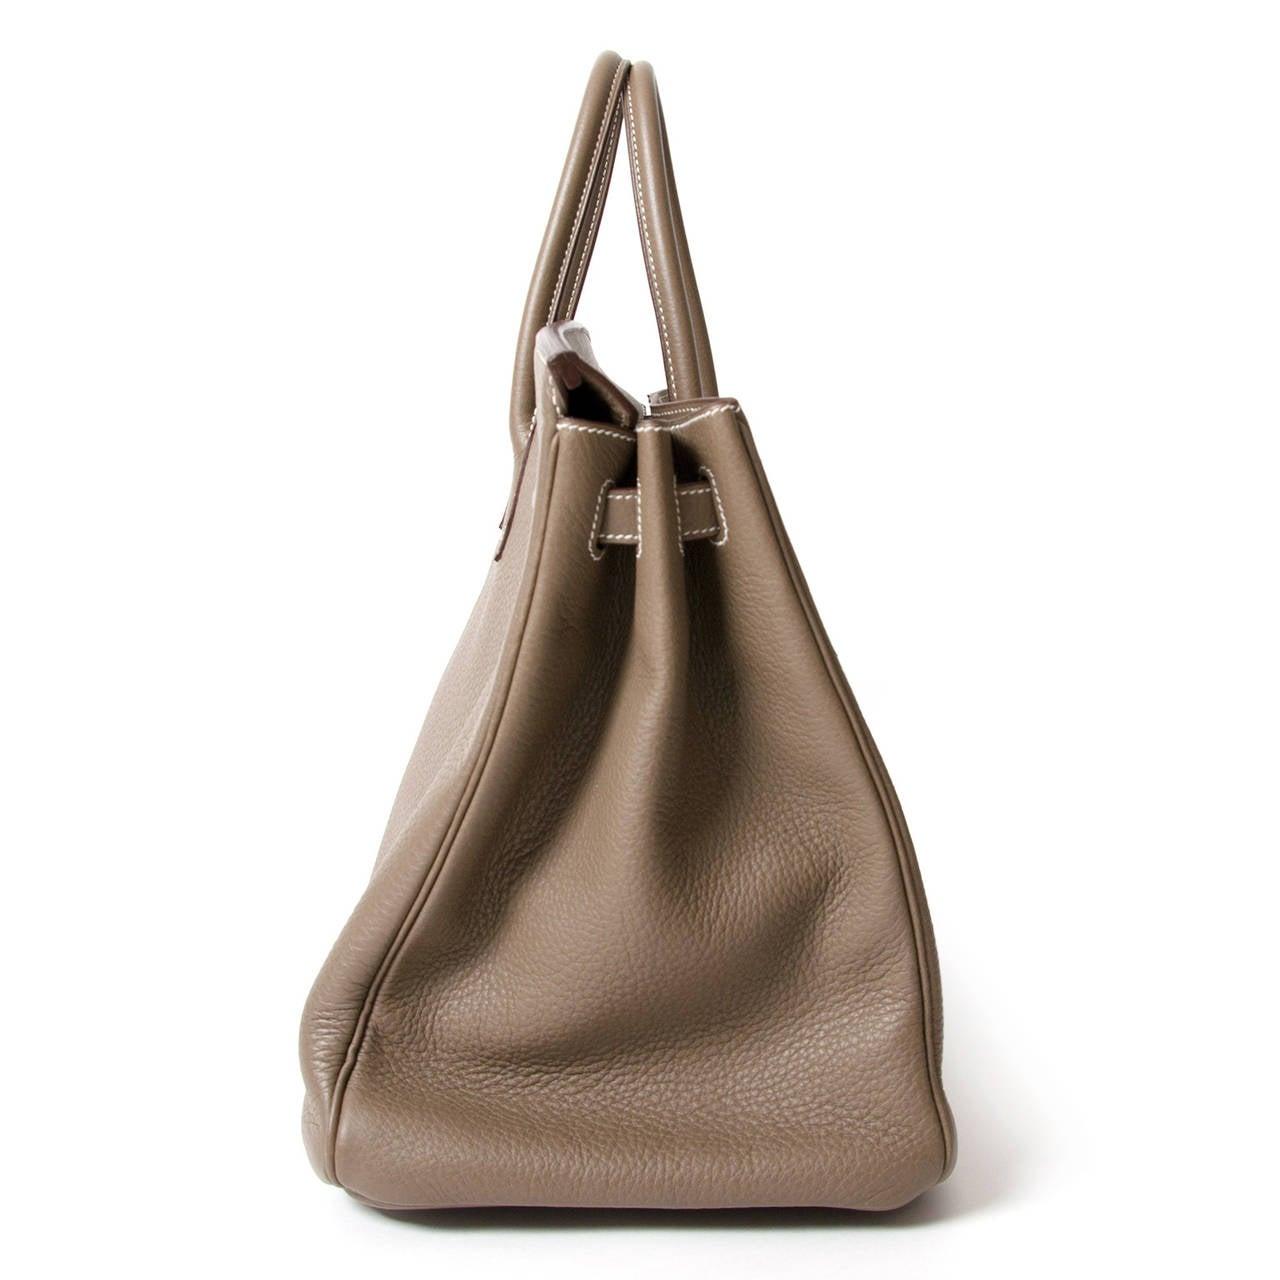 Hermès Birkin Bag 40cm Togo Etoupe Grey PHW 3